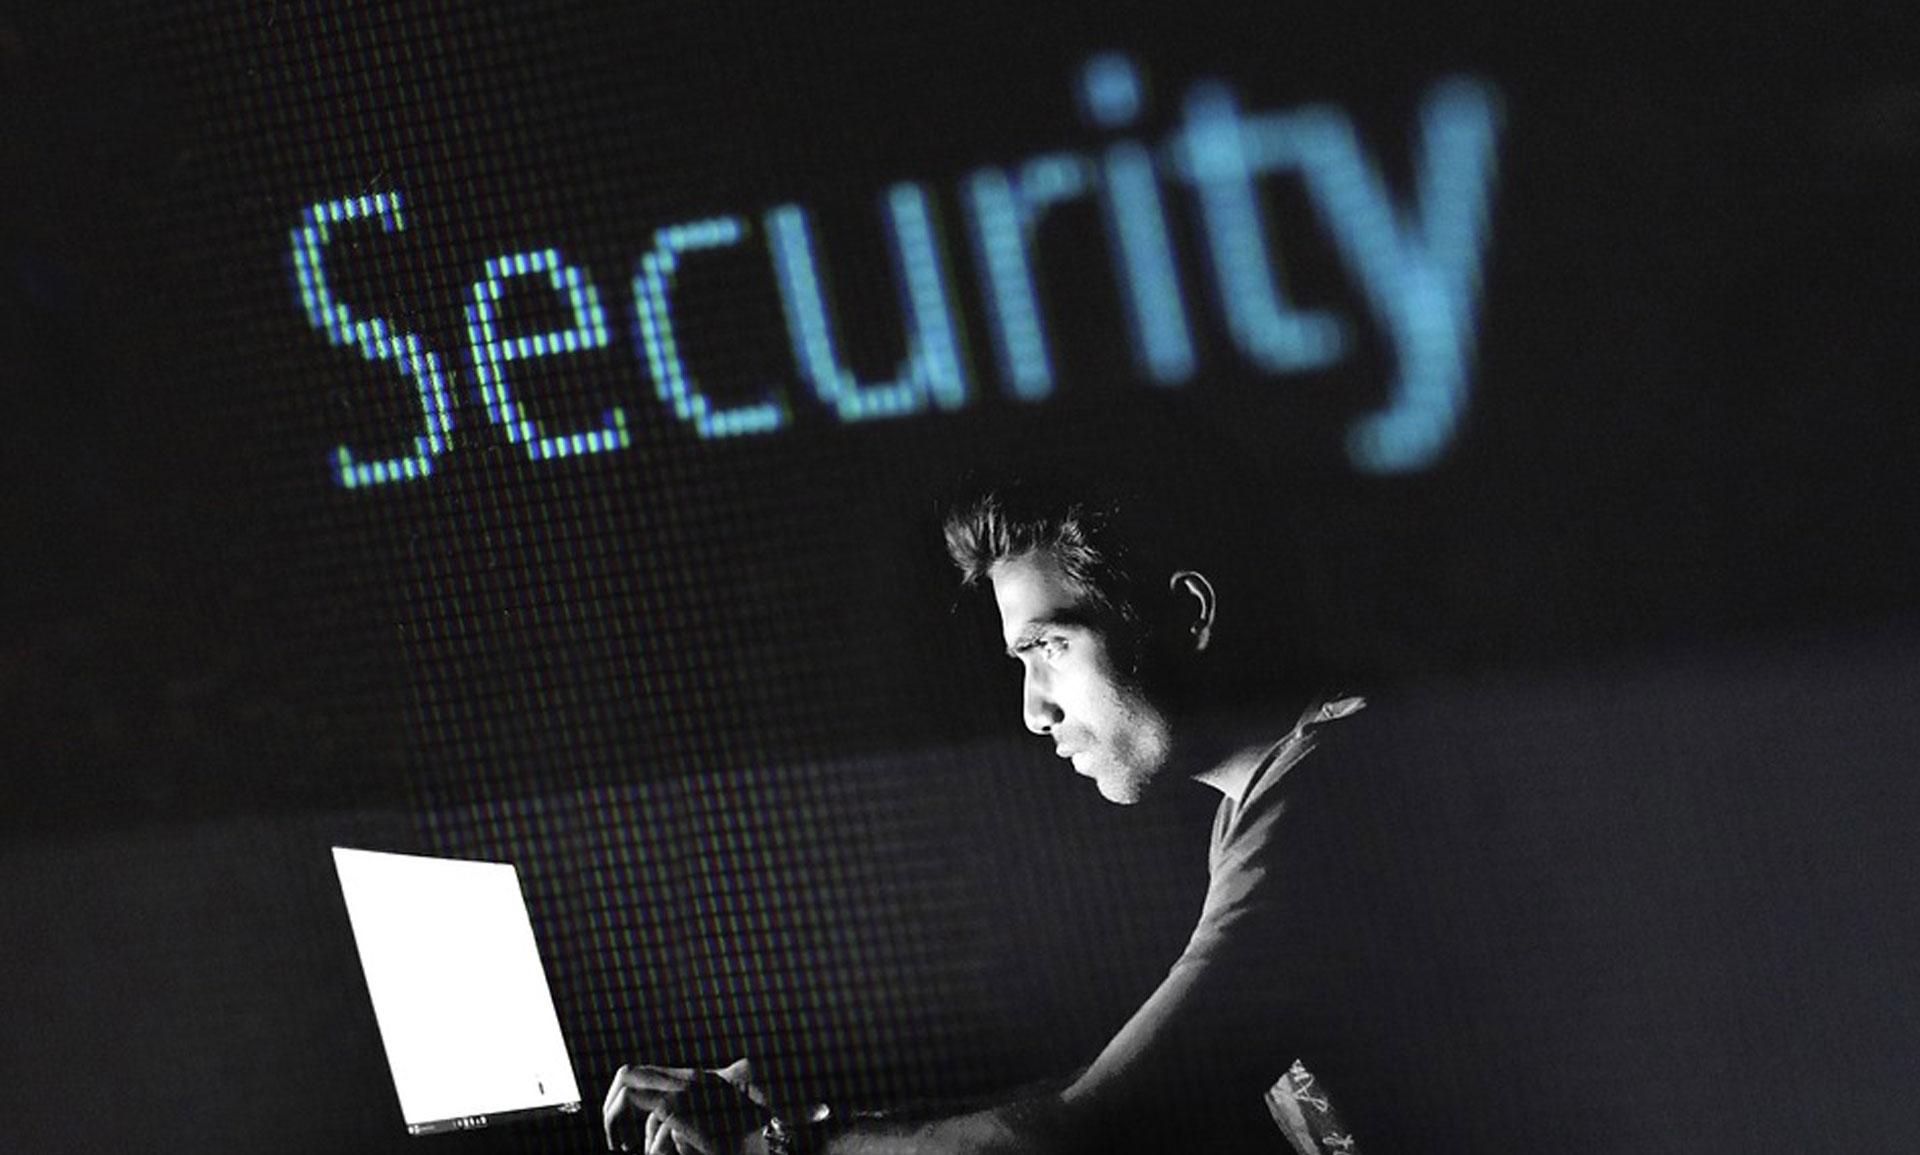 ¿Qué es el ransomware y cómo protejo a mi empresa de este?